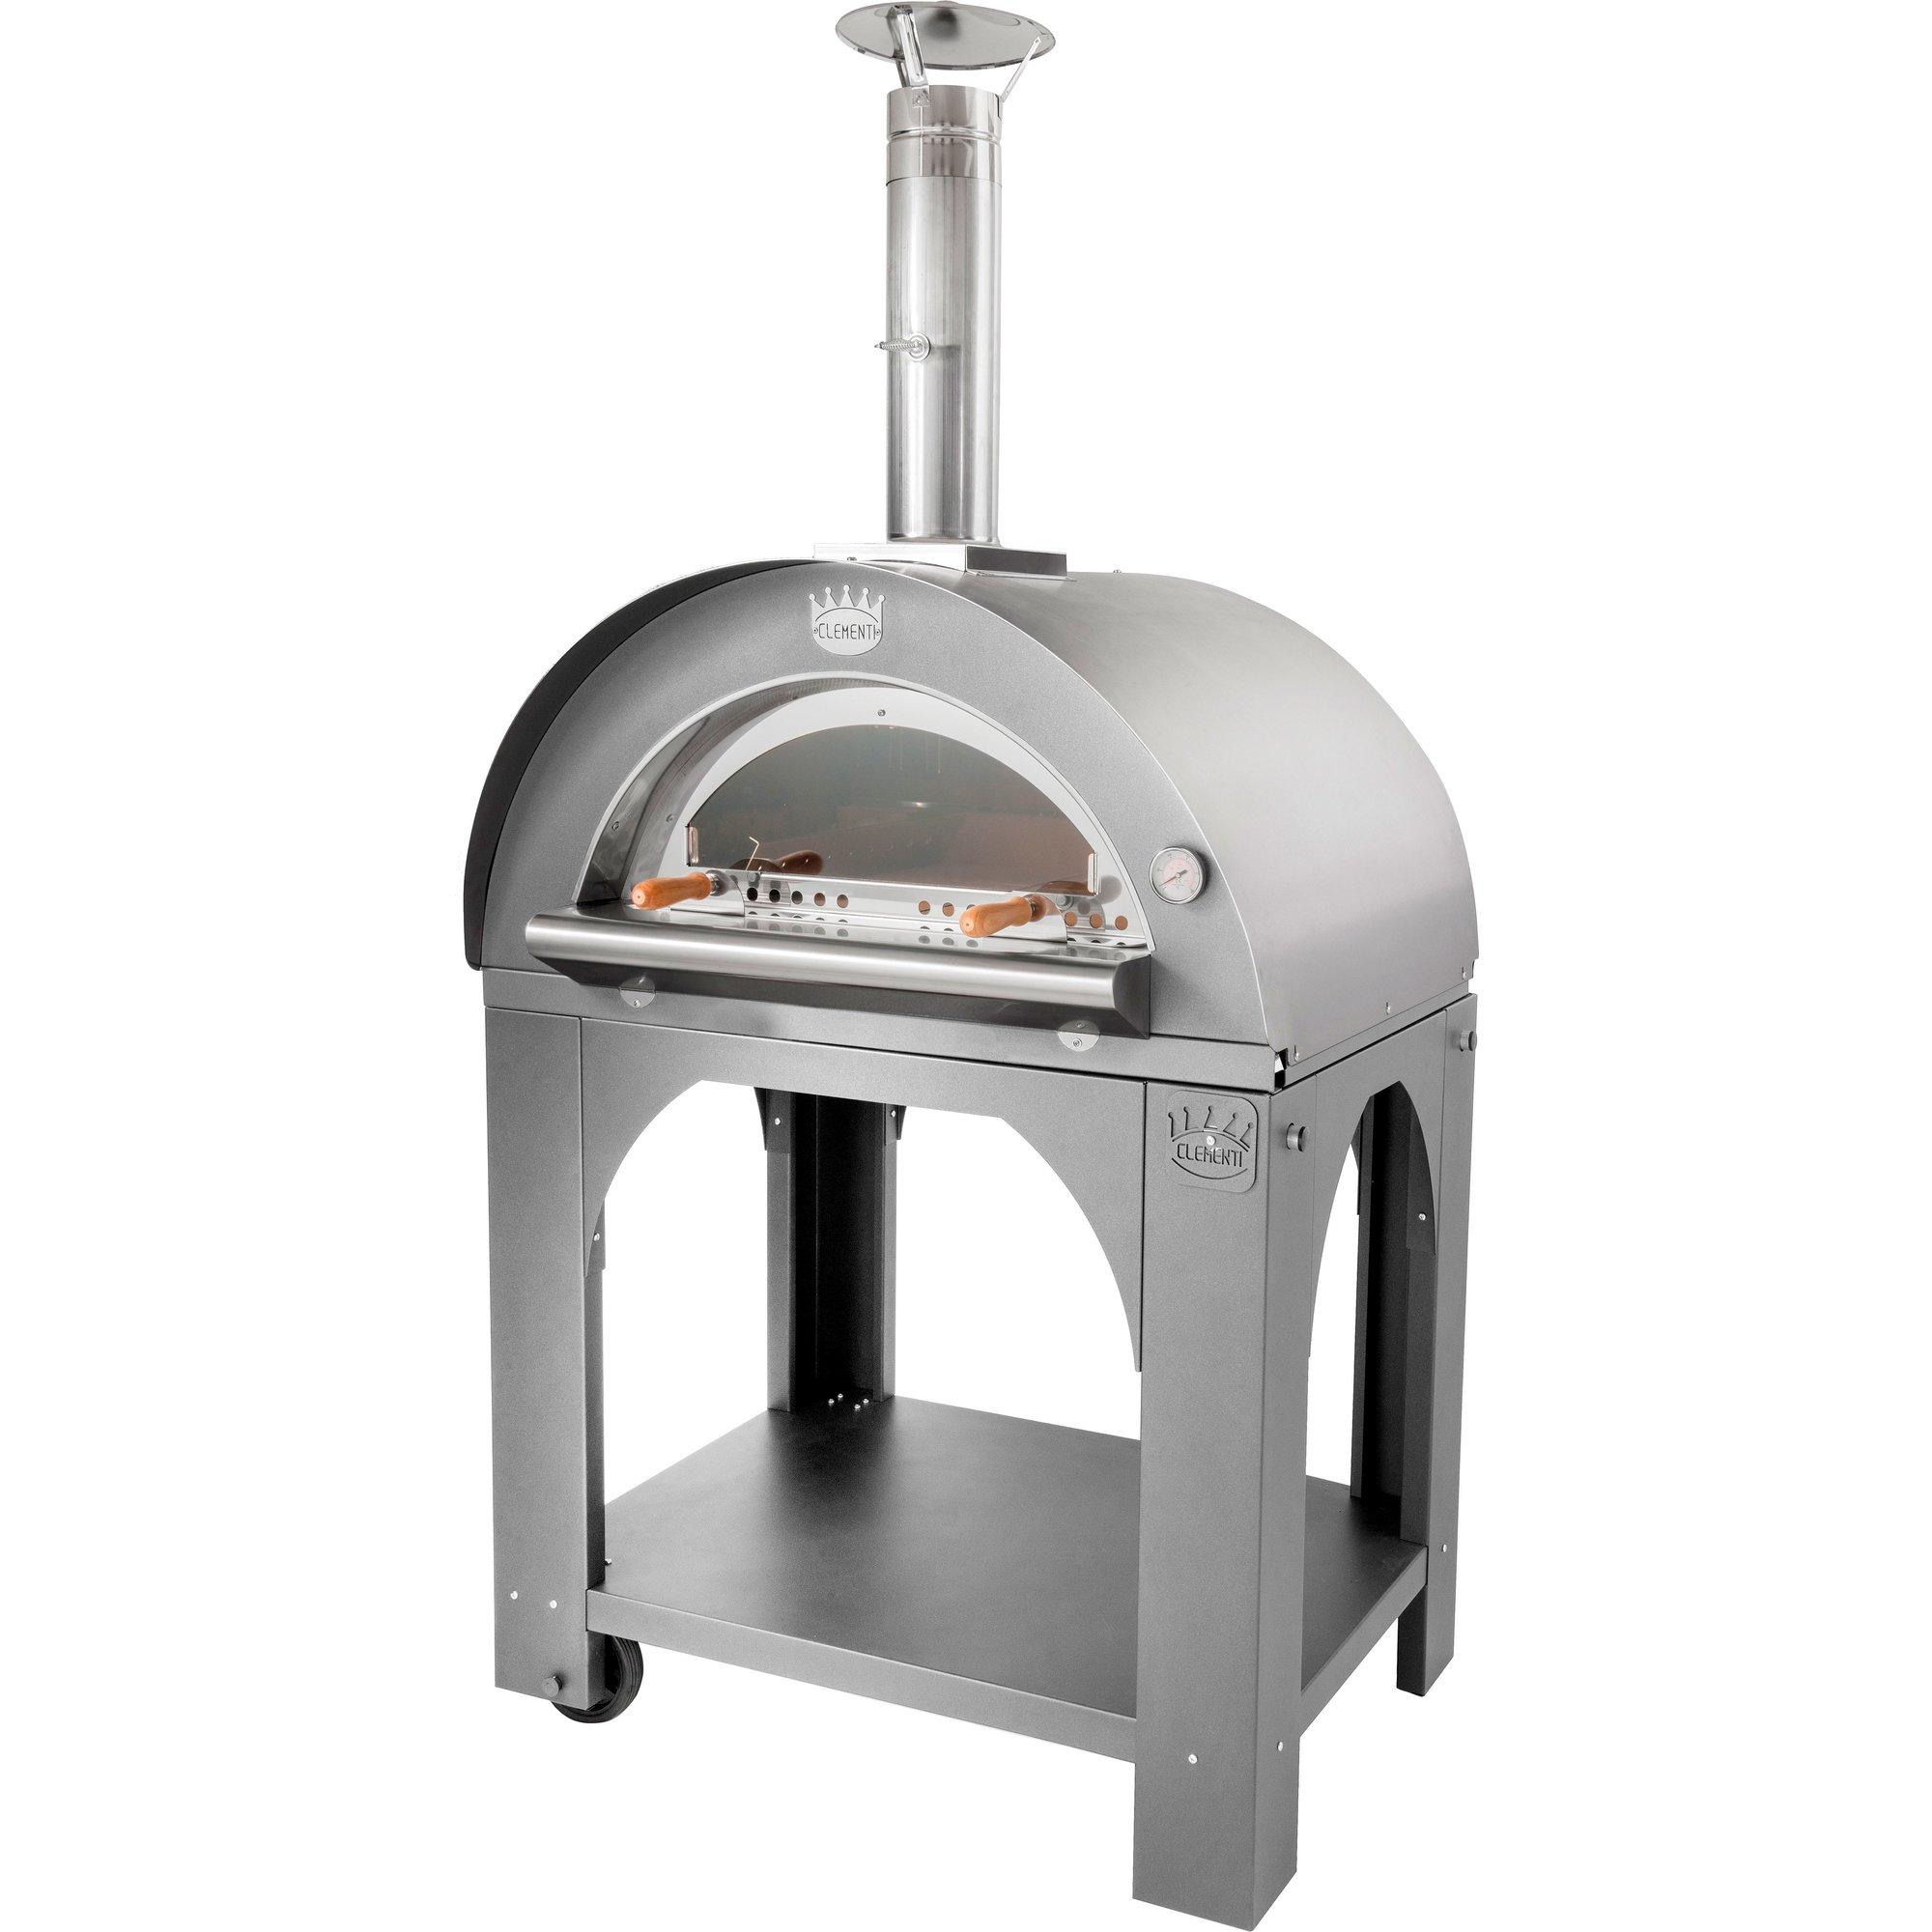 Clementi Pulcinella Vedeldad Pizzaugn 60×60 cm. Rostfritt stål